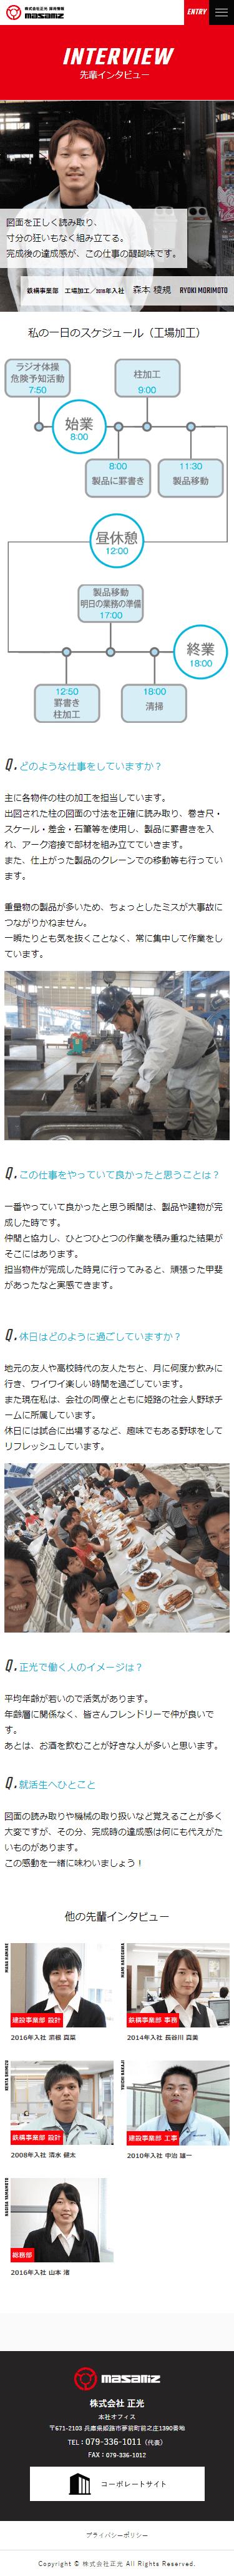 姫路市 株式会社正光 採用専門サイト制作4